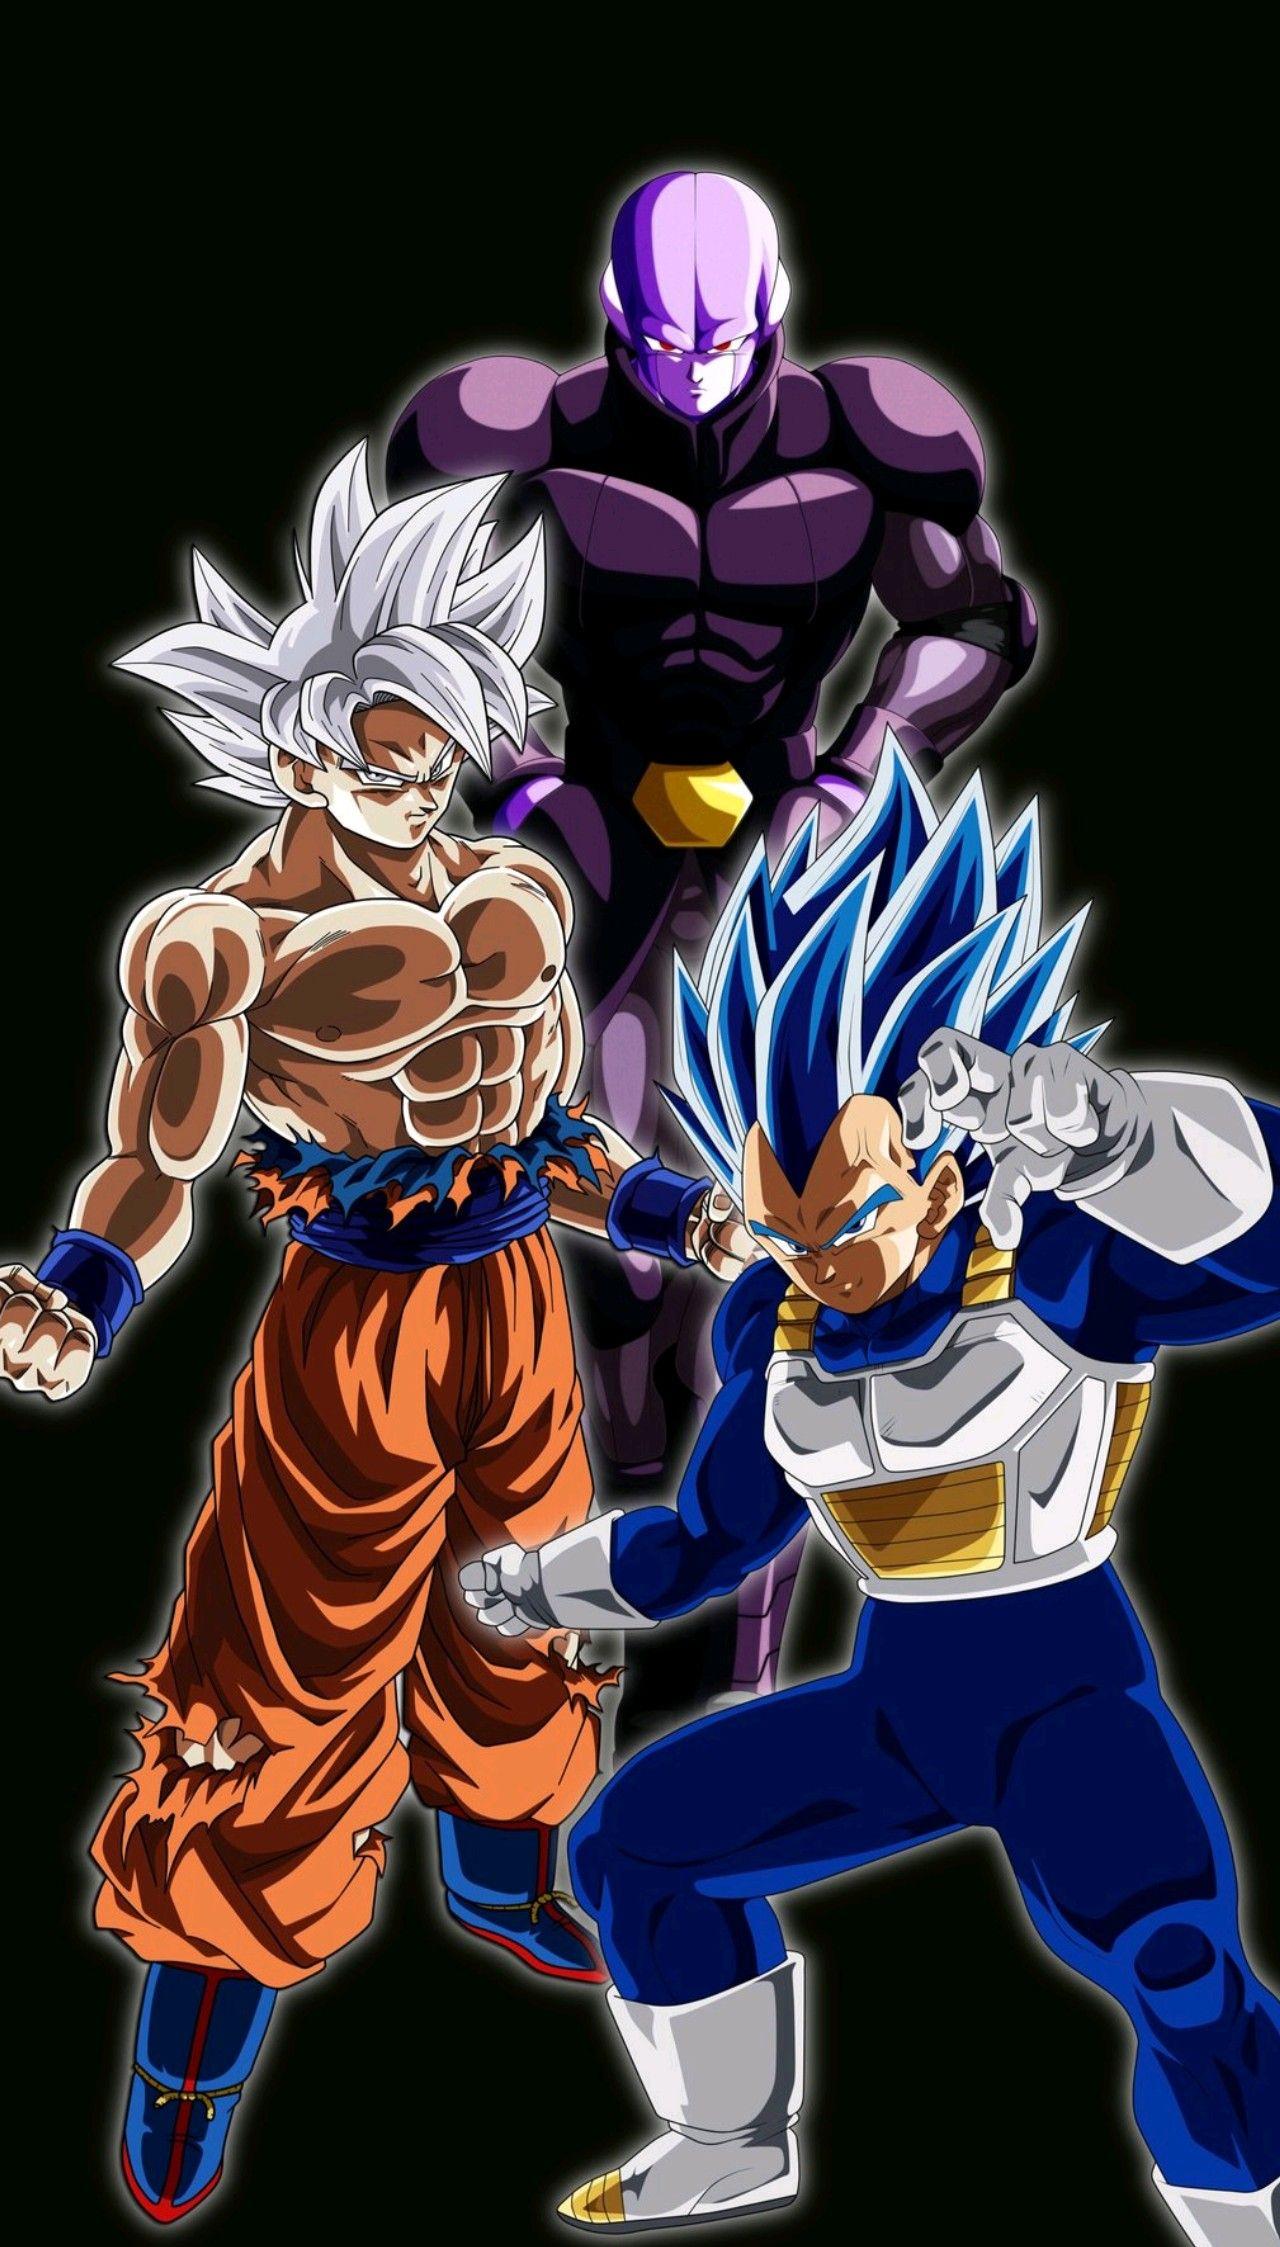 Goku Vegeta Hit Dragon Ball Super Dragon Ball Super Dragon Ball Z Dragon Ball Art